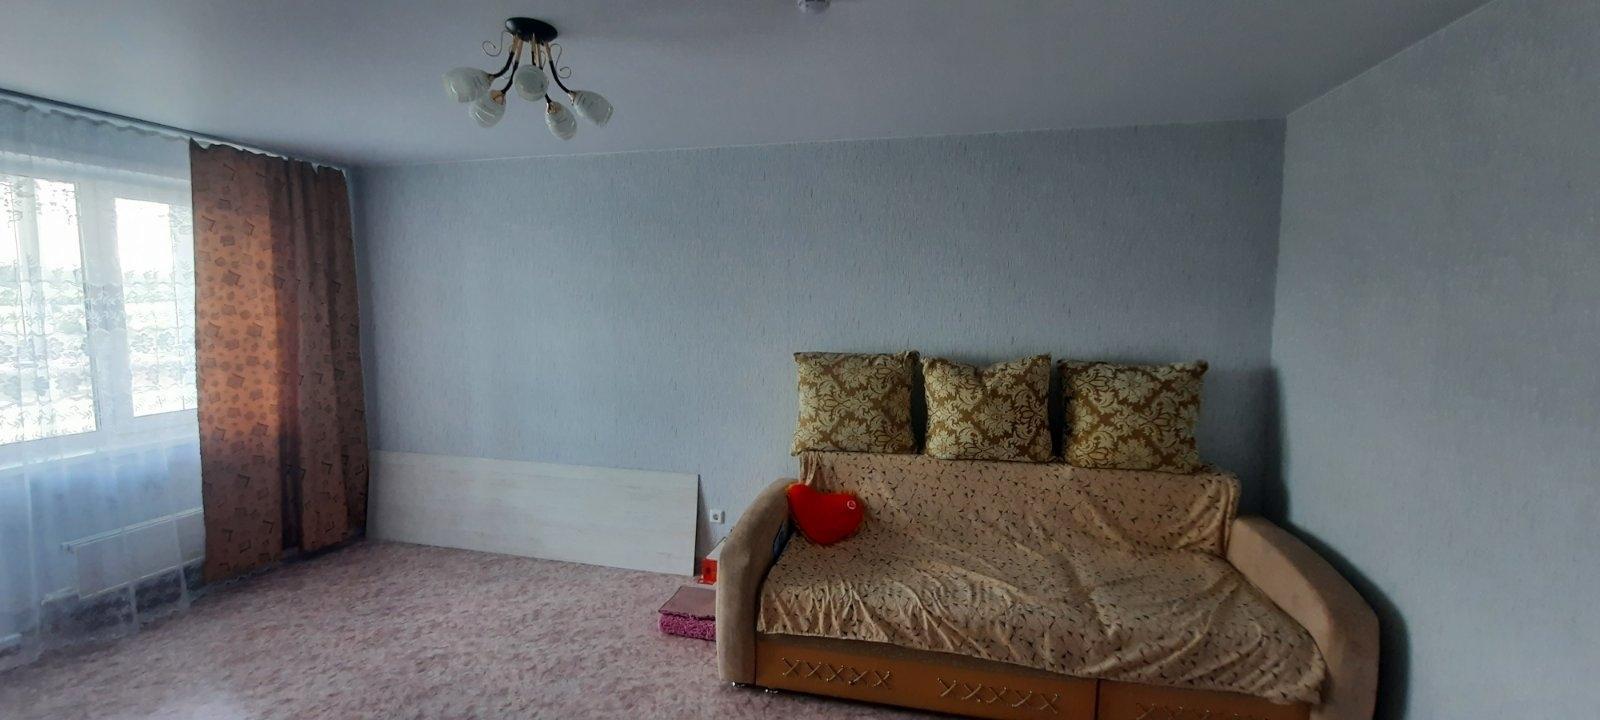 1к квартира улица Норильская, 9 строение 20   15000   аренда в Красноярске фото 2